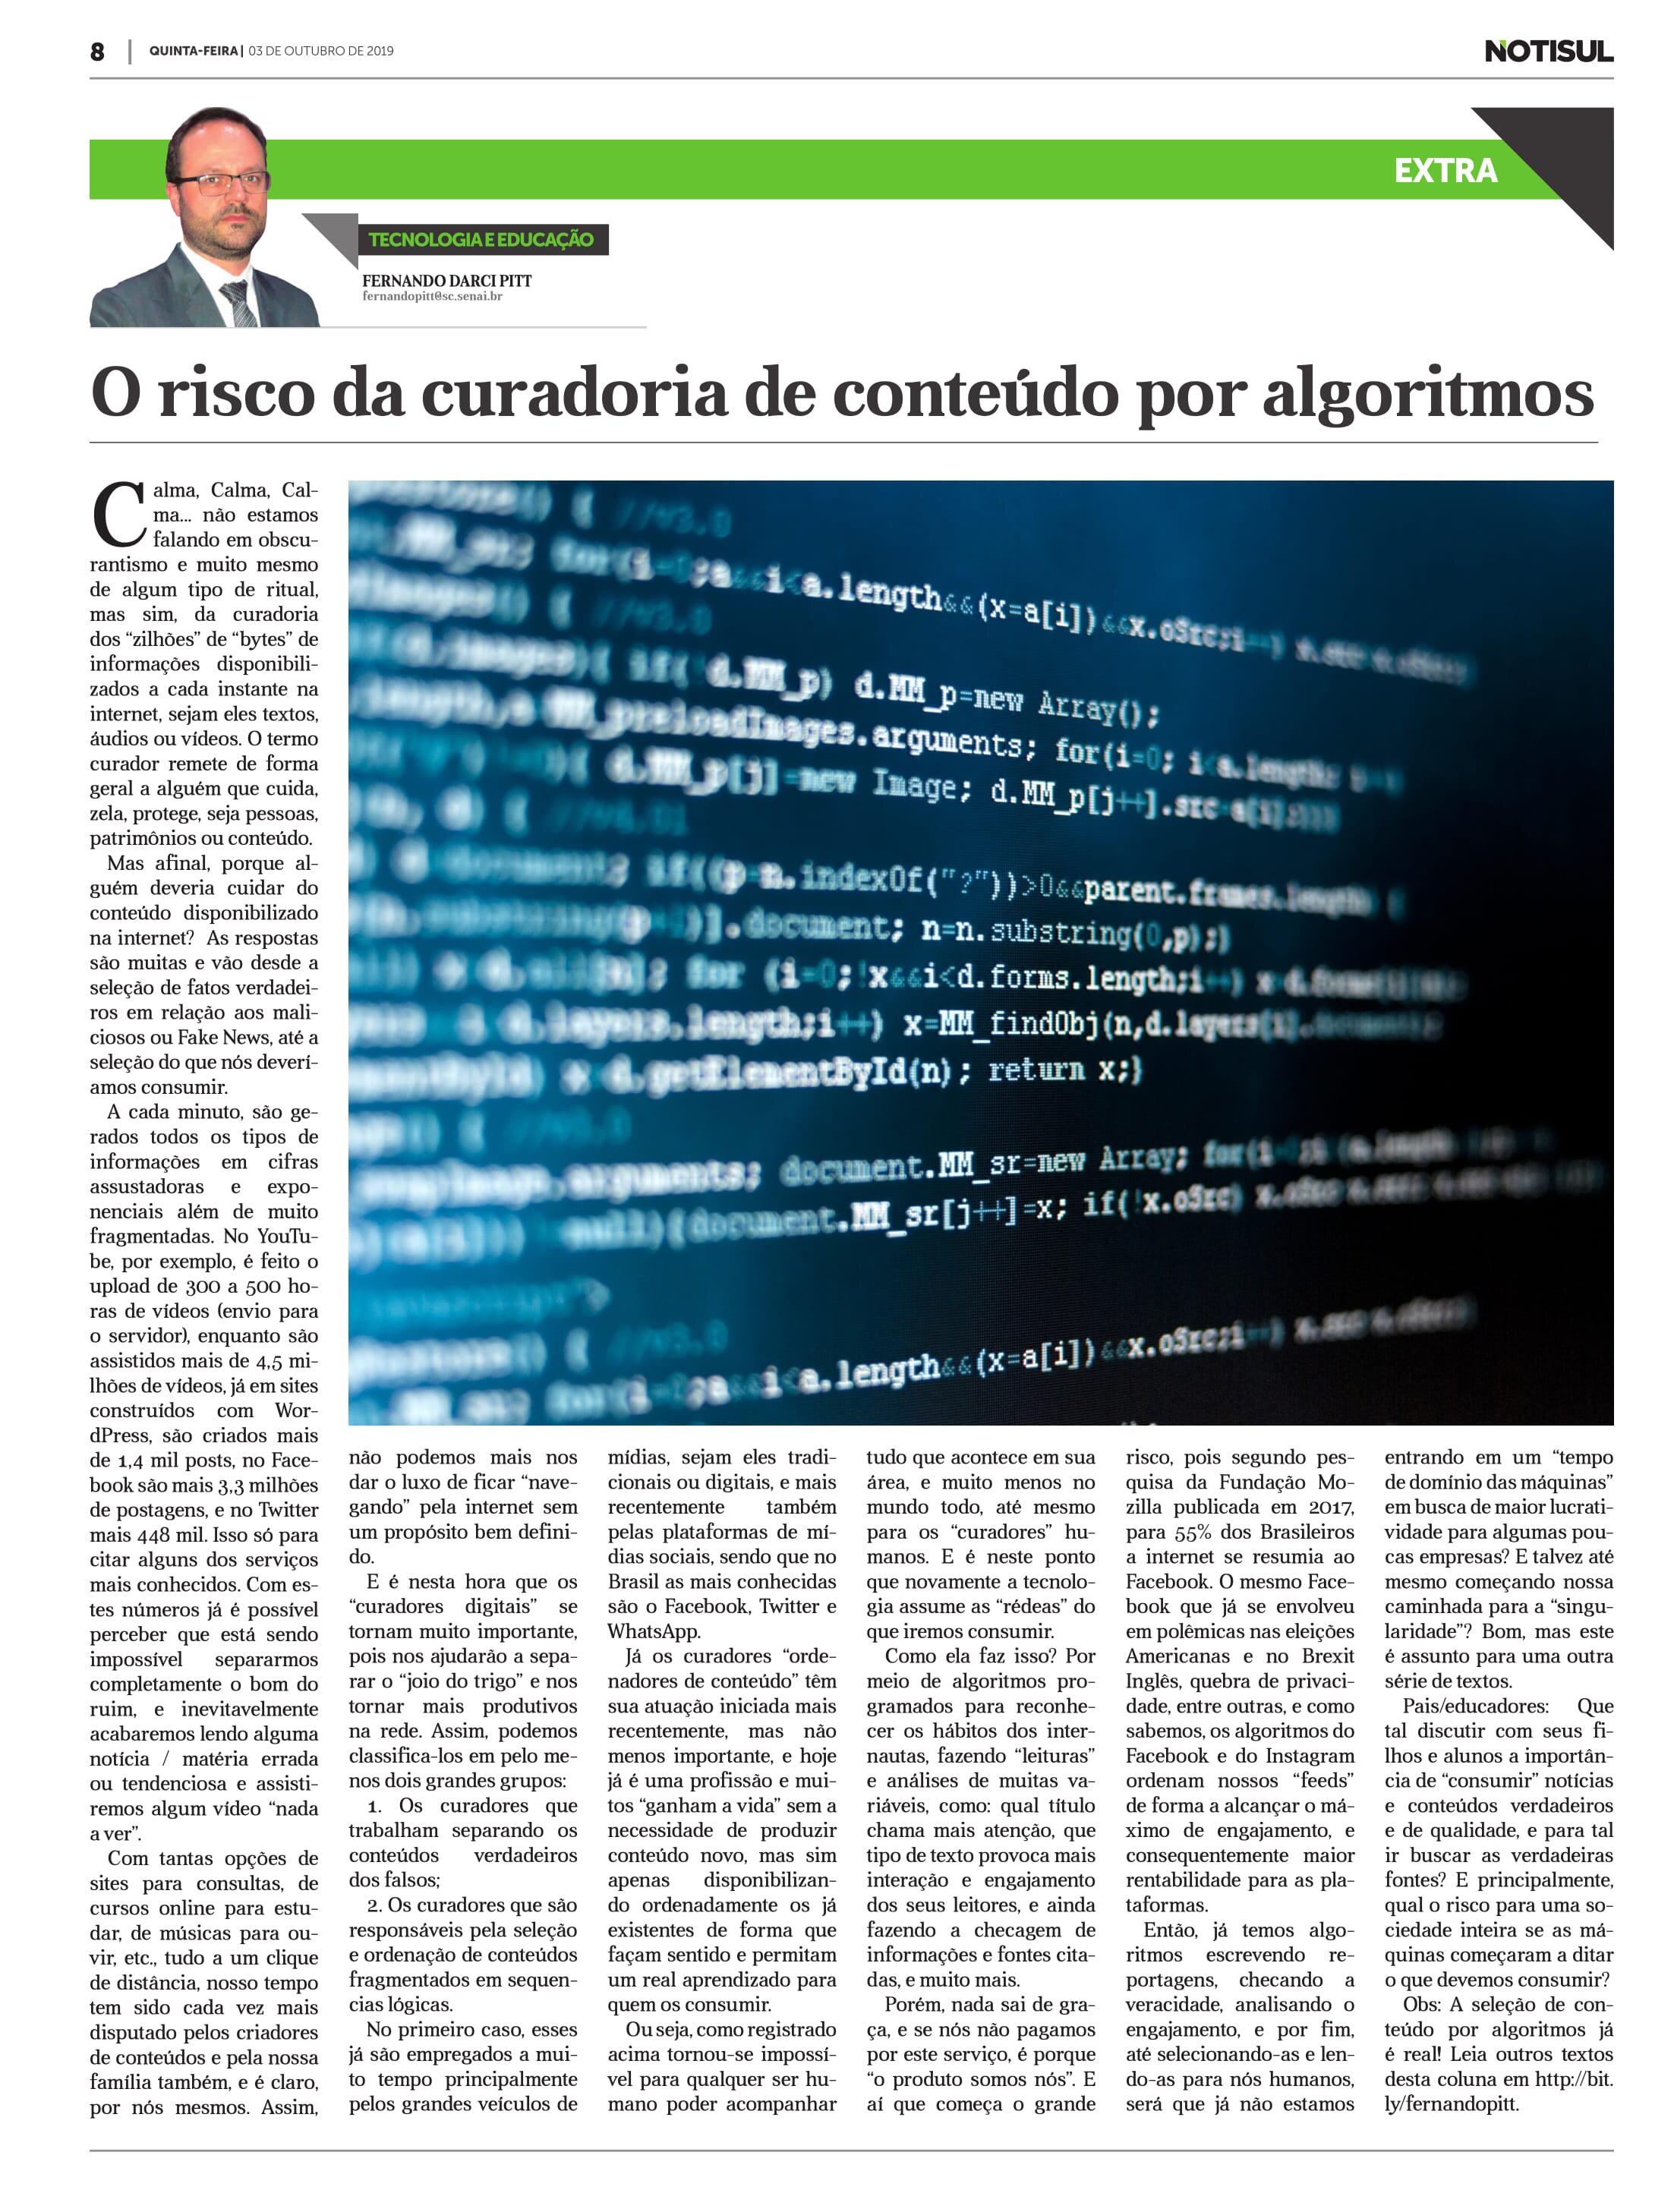 O risco da curadoria de conteúdo por algoritmos